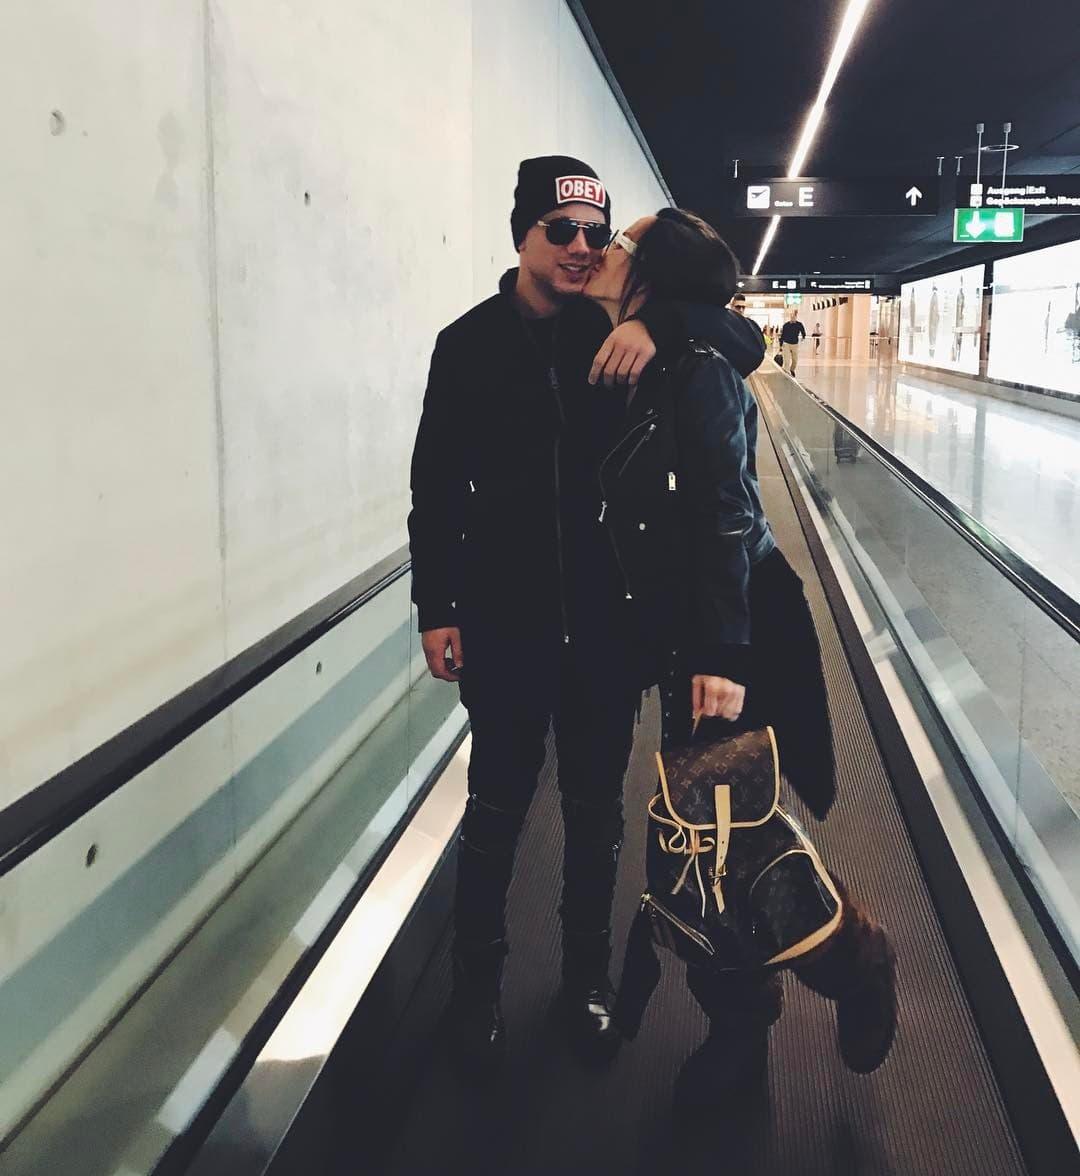 Par je napravio pometnju u avionu nakon povratka iz Ciriha (foto: Instagram.com/nikki_nicole_)